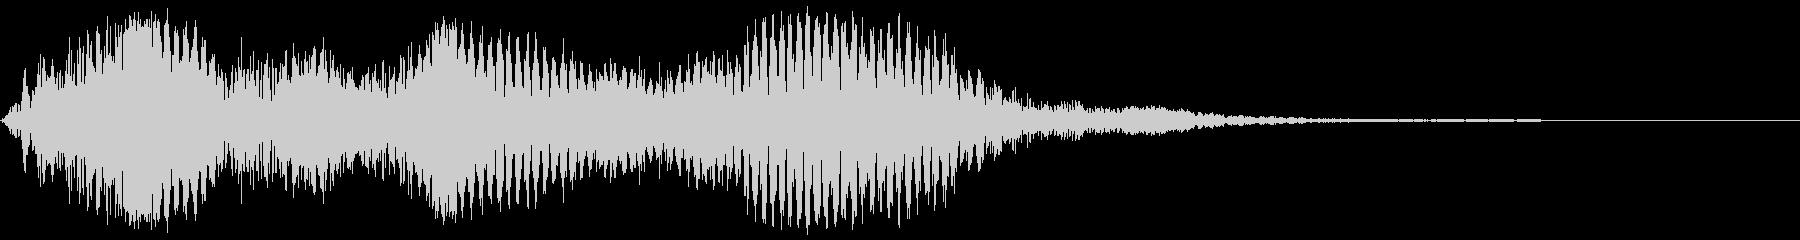 不気味なモンスターのうめき声・低音強調の未再生の波形